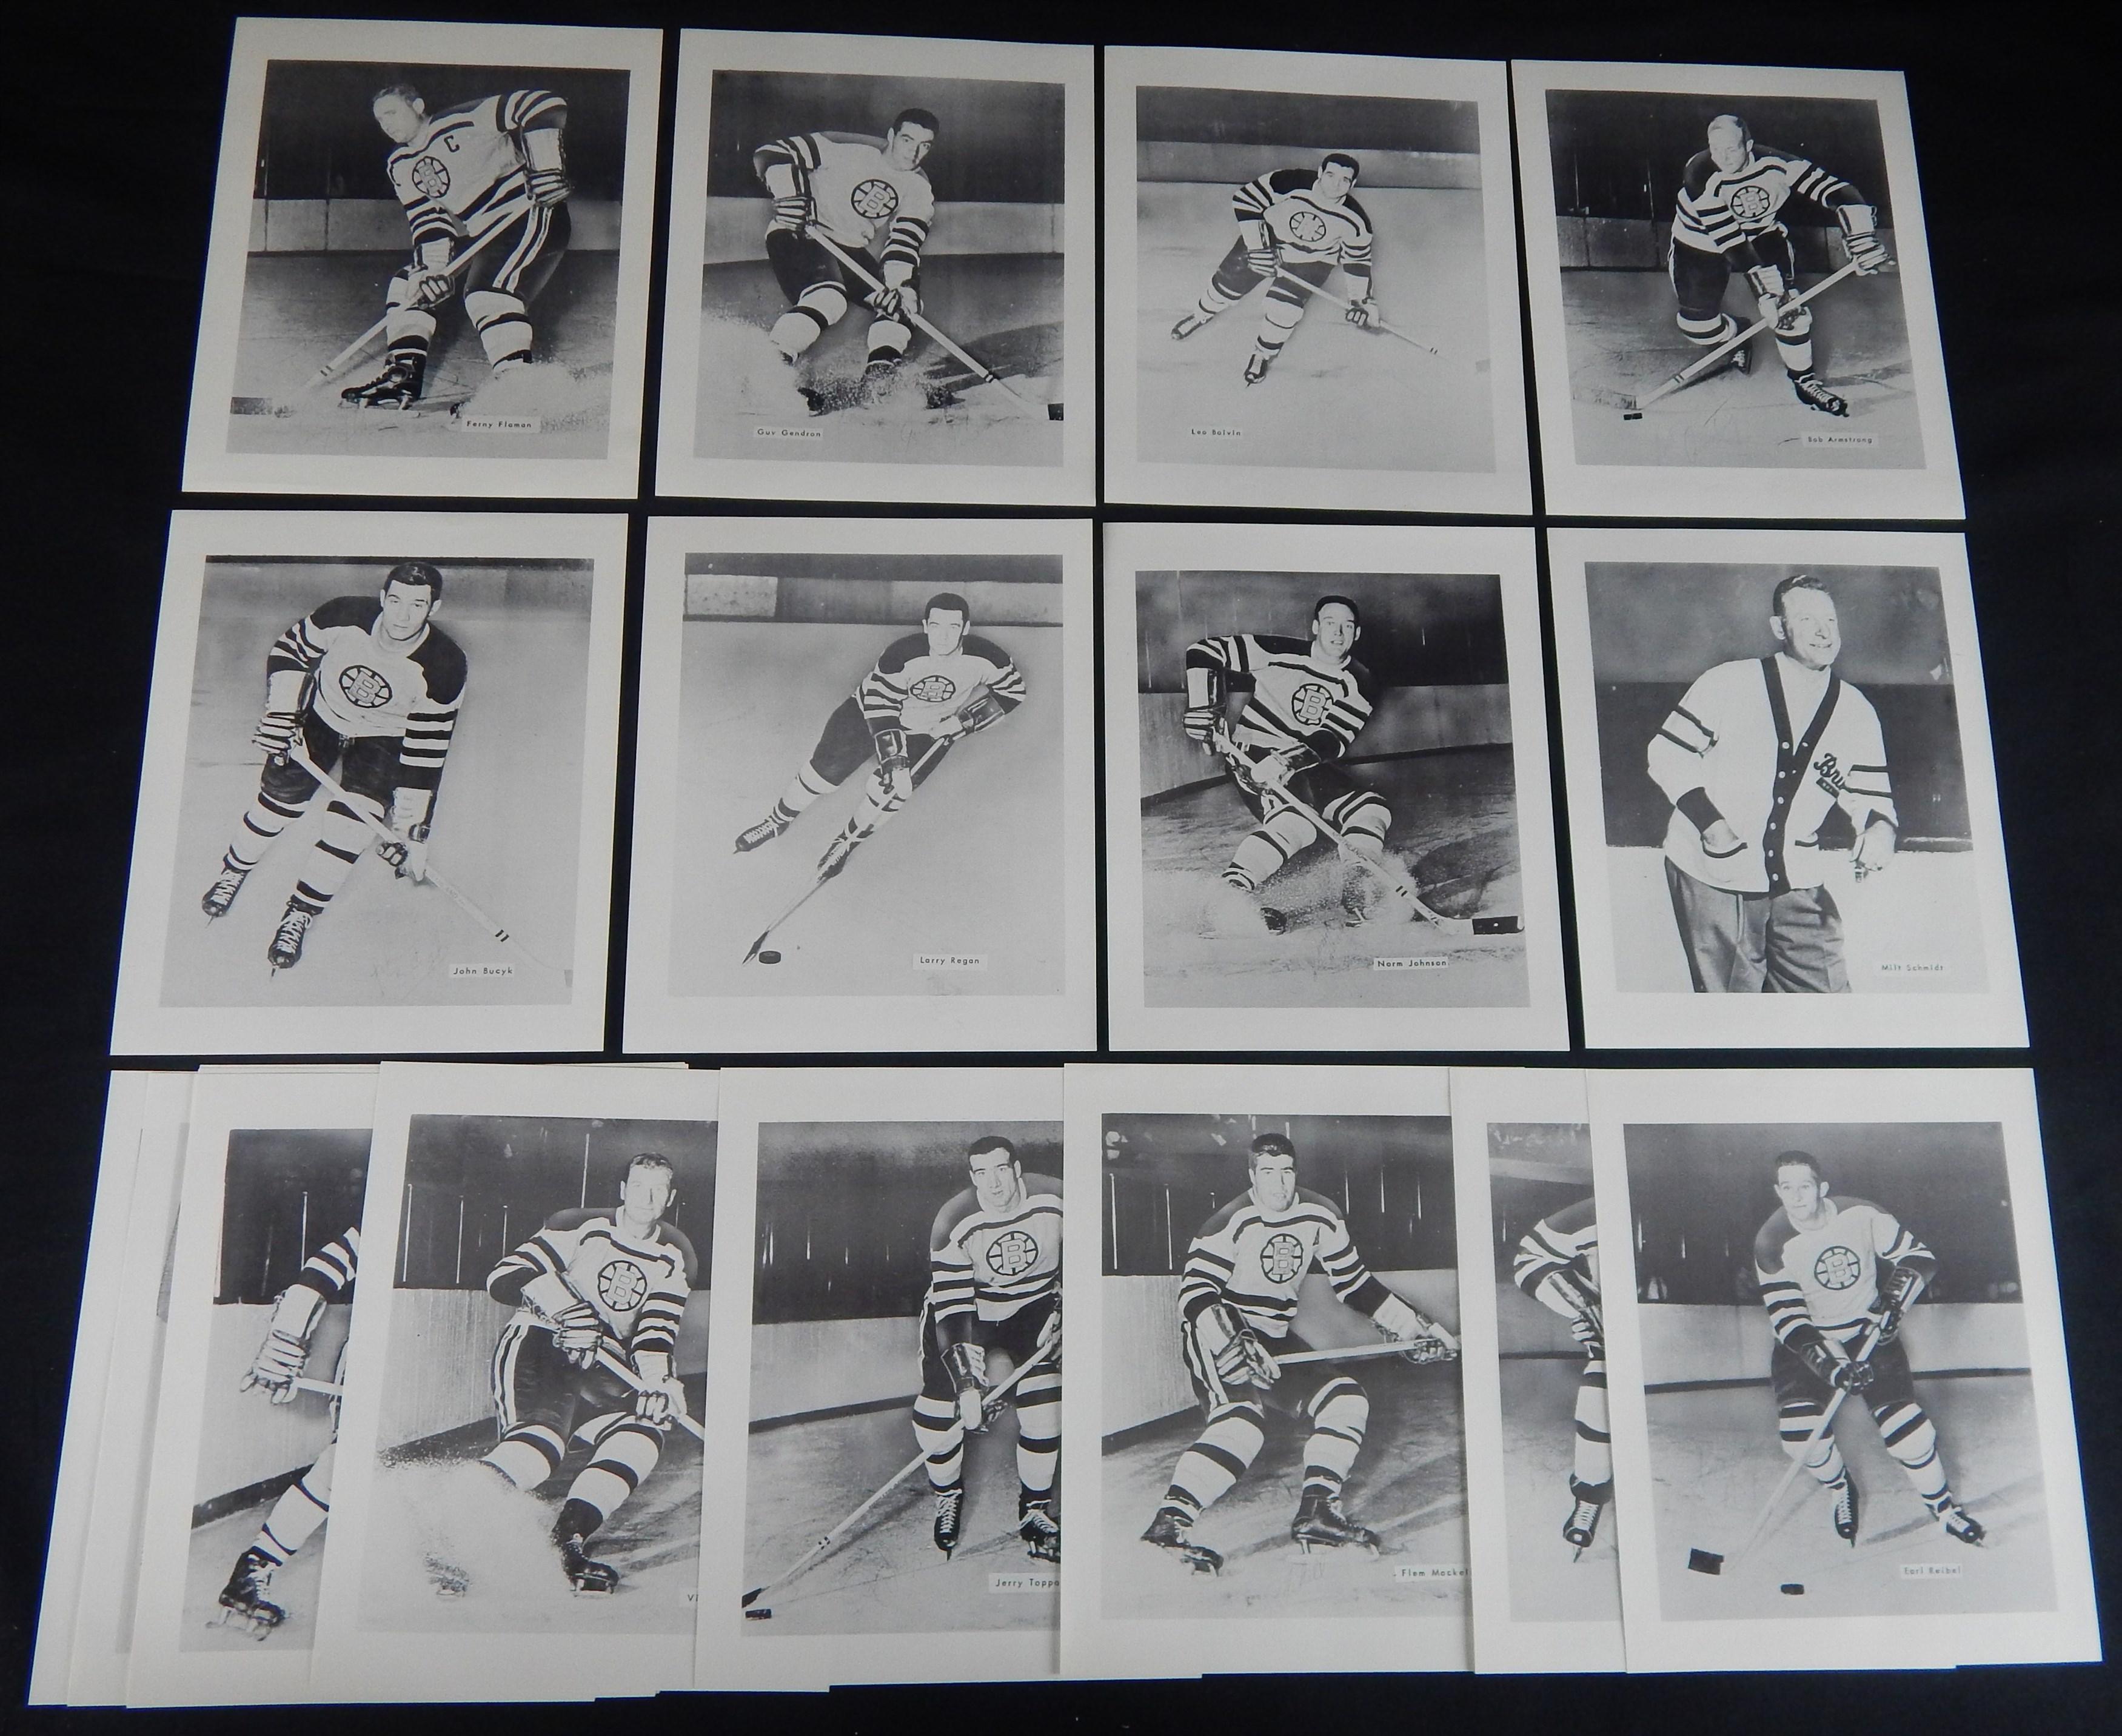 Hockey - Monthly 04-18